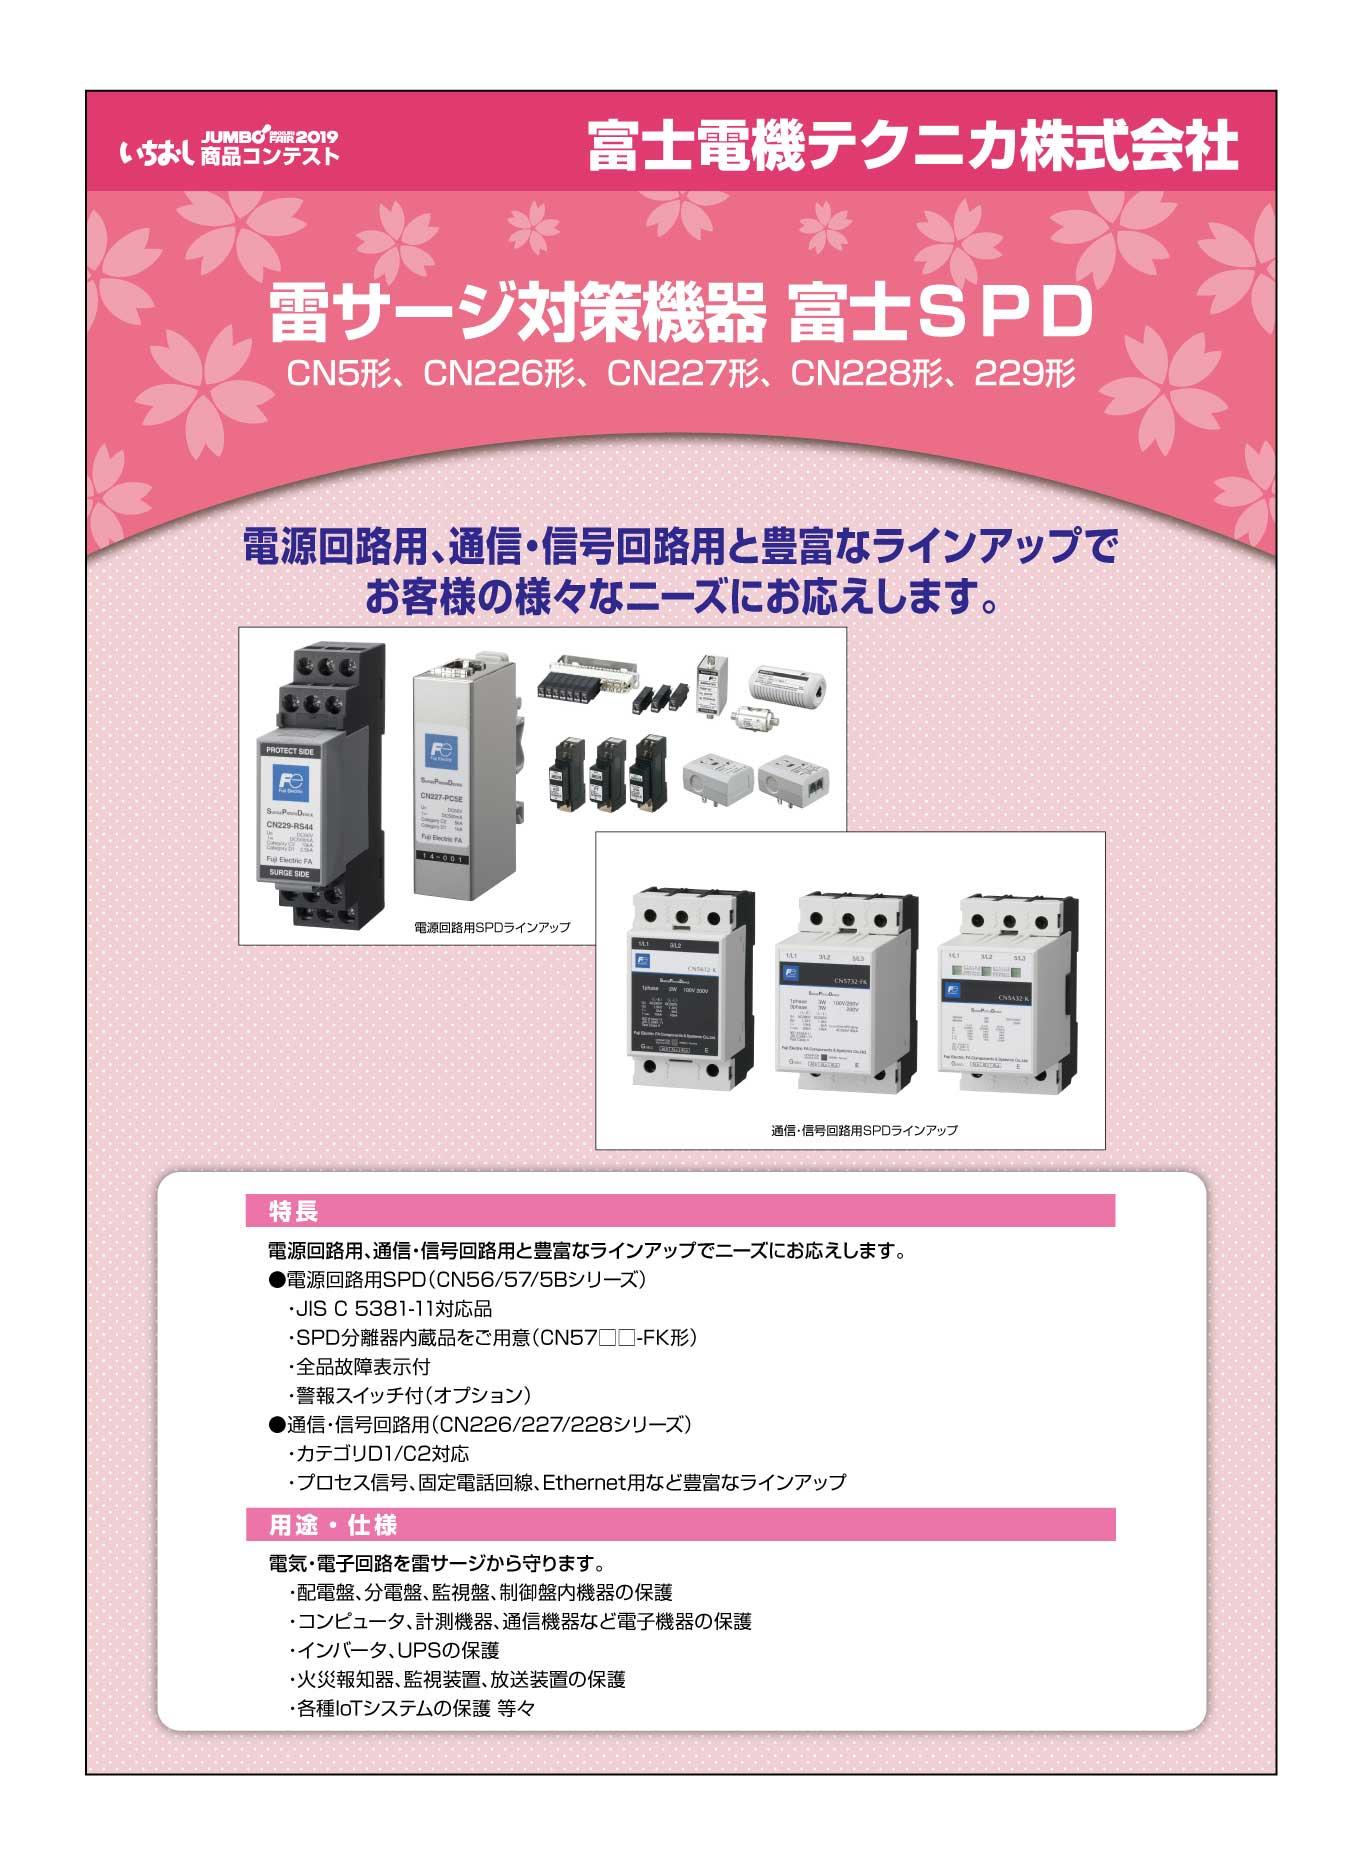 「雷サージ対策機器 富士SPD」富士電機テクニカ株式会社の画像